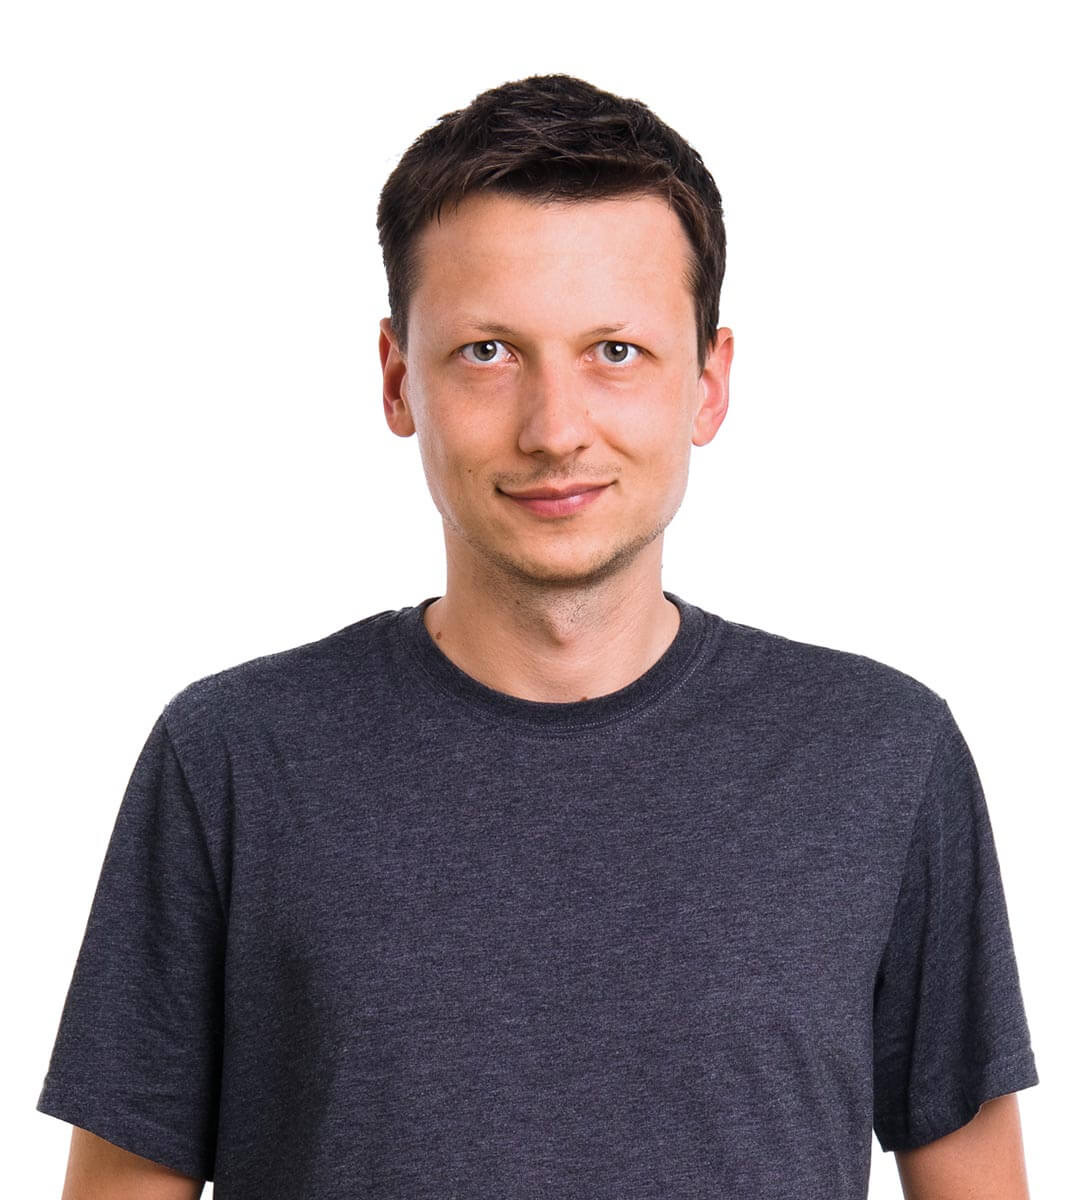 Piotr Modrzewski